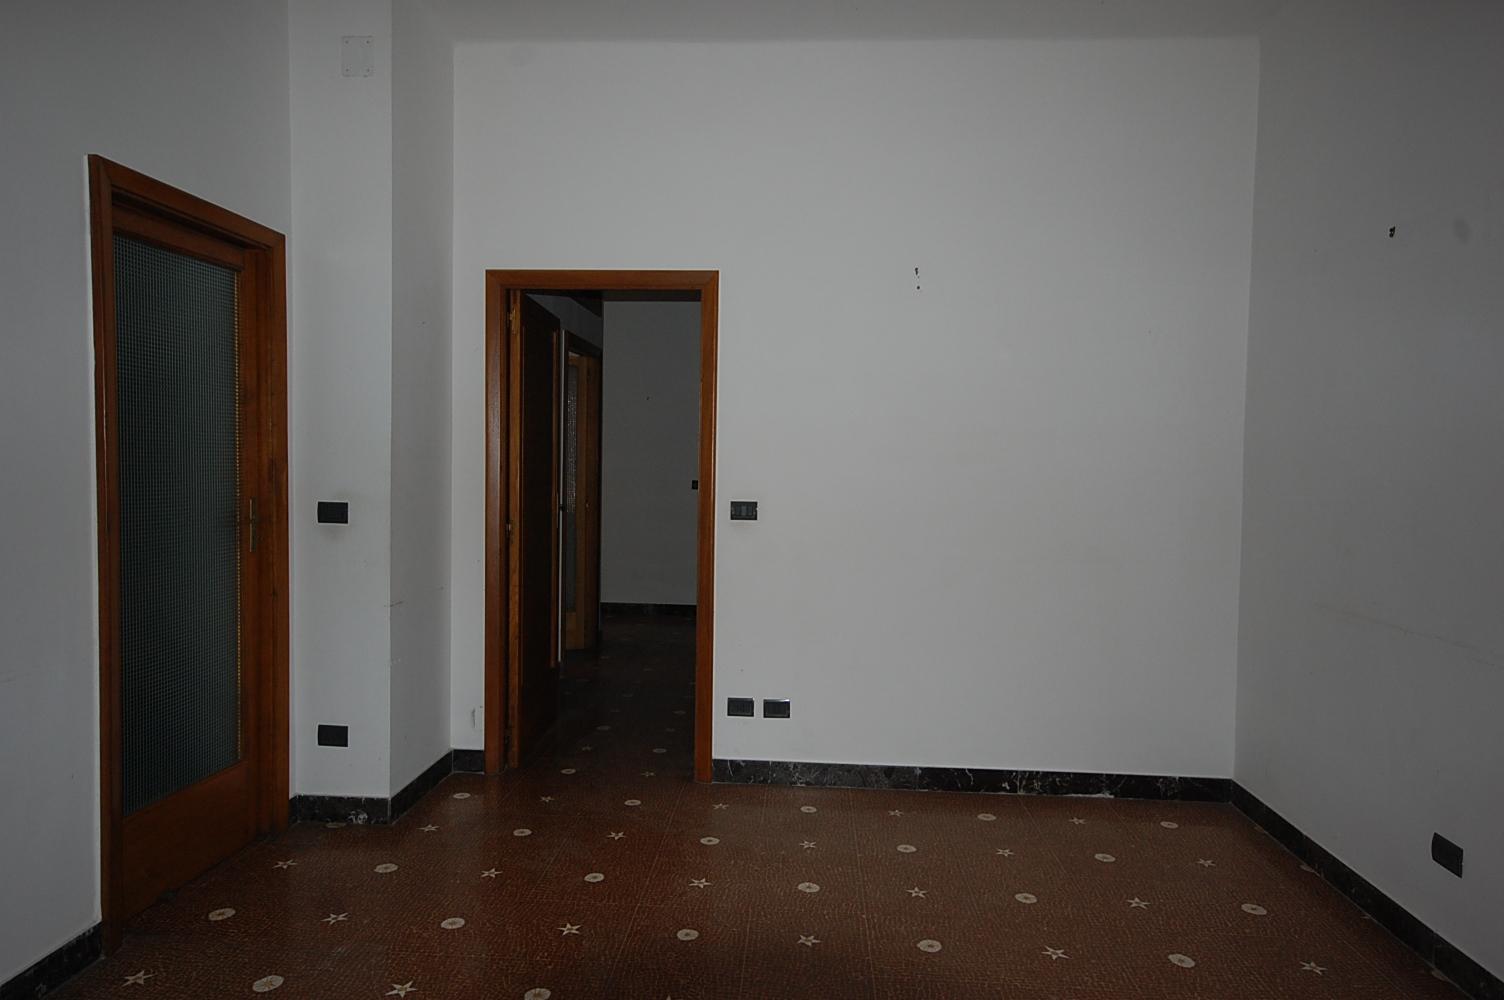 Palazzo / Stabile in vendita a Lecce, 10 locali, zona Zona: Mazzini, prezzo € 400.000 | Cambio Casa.it